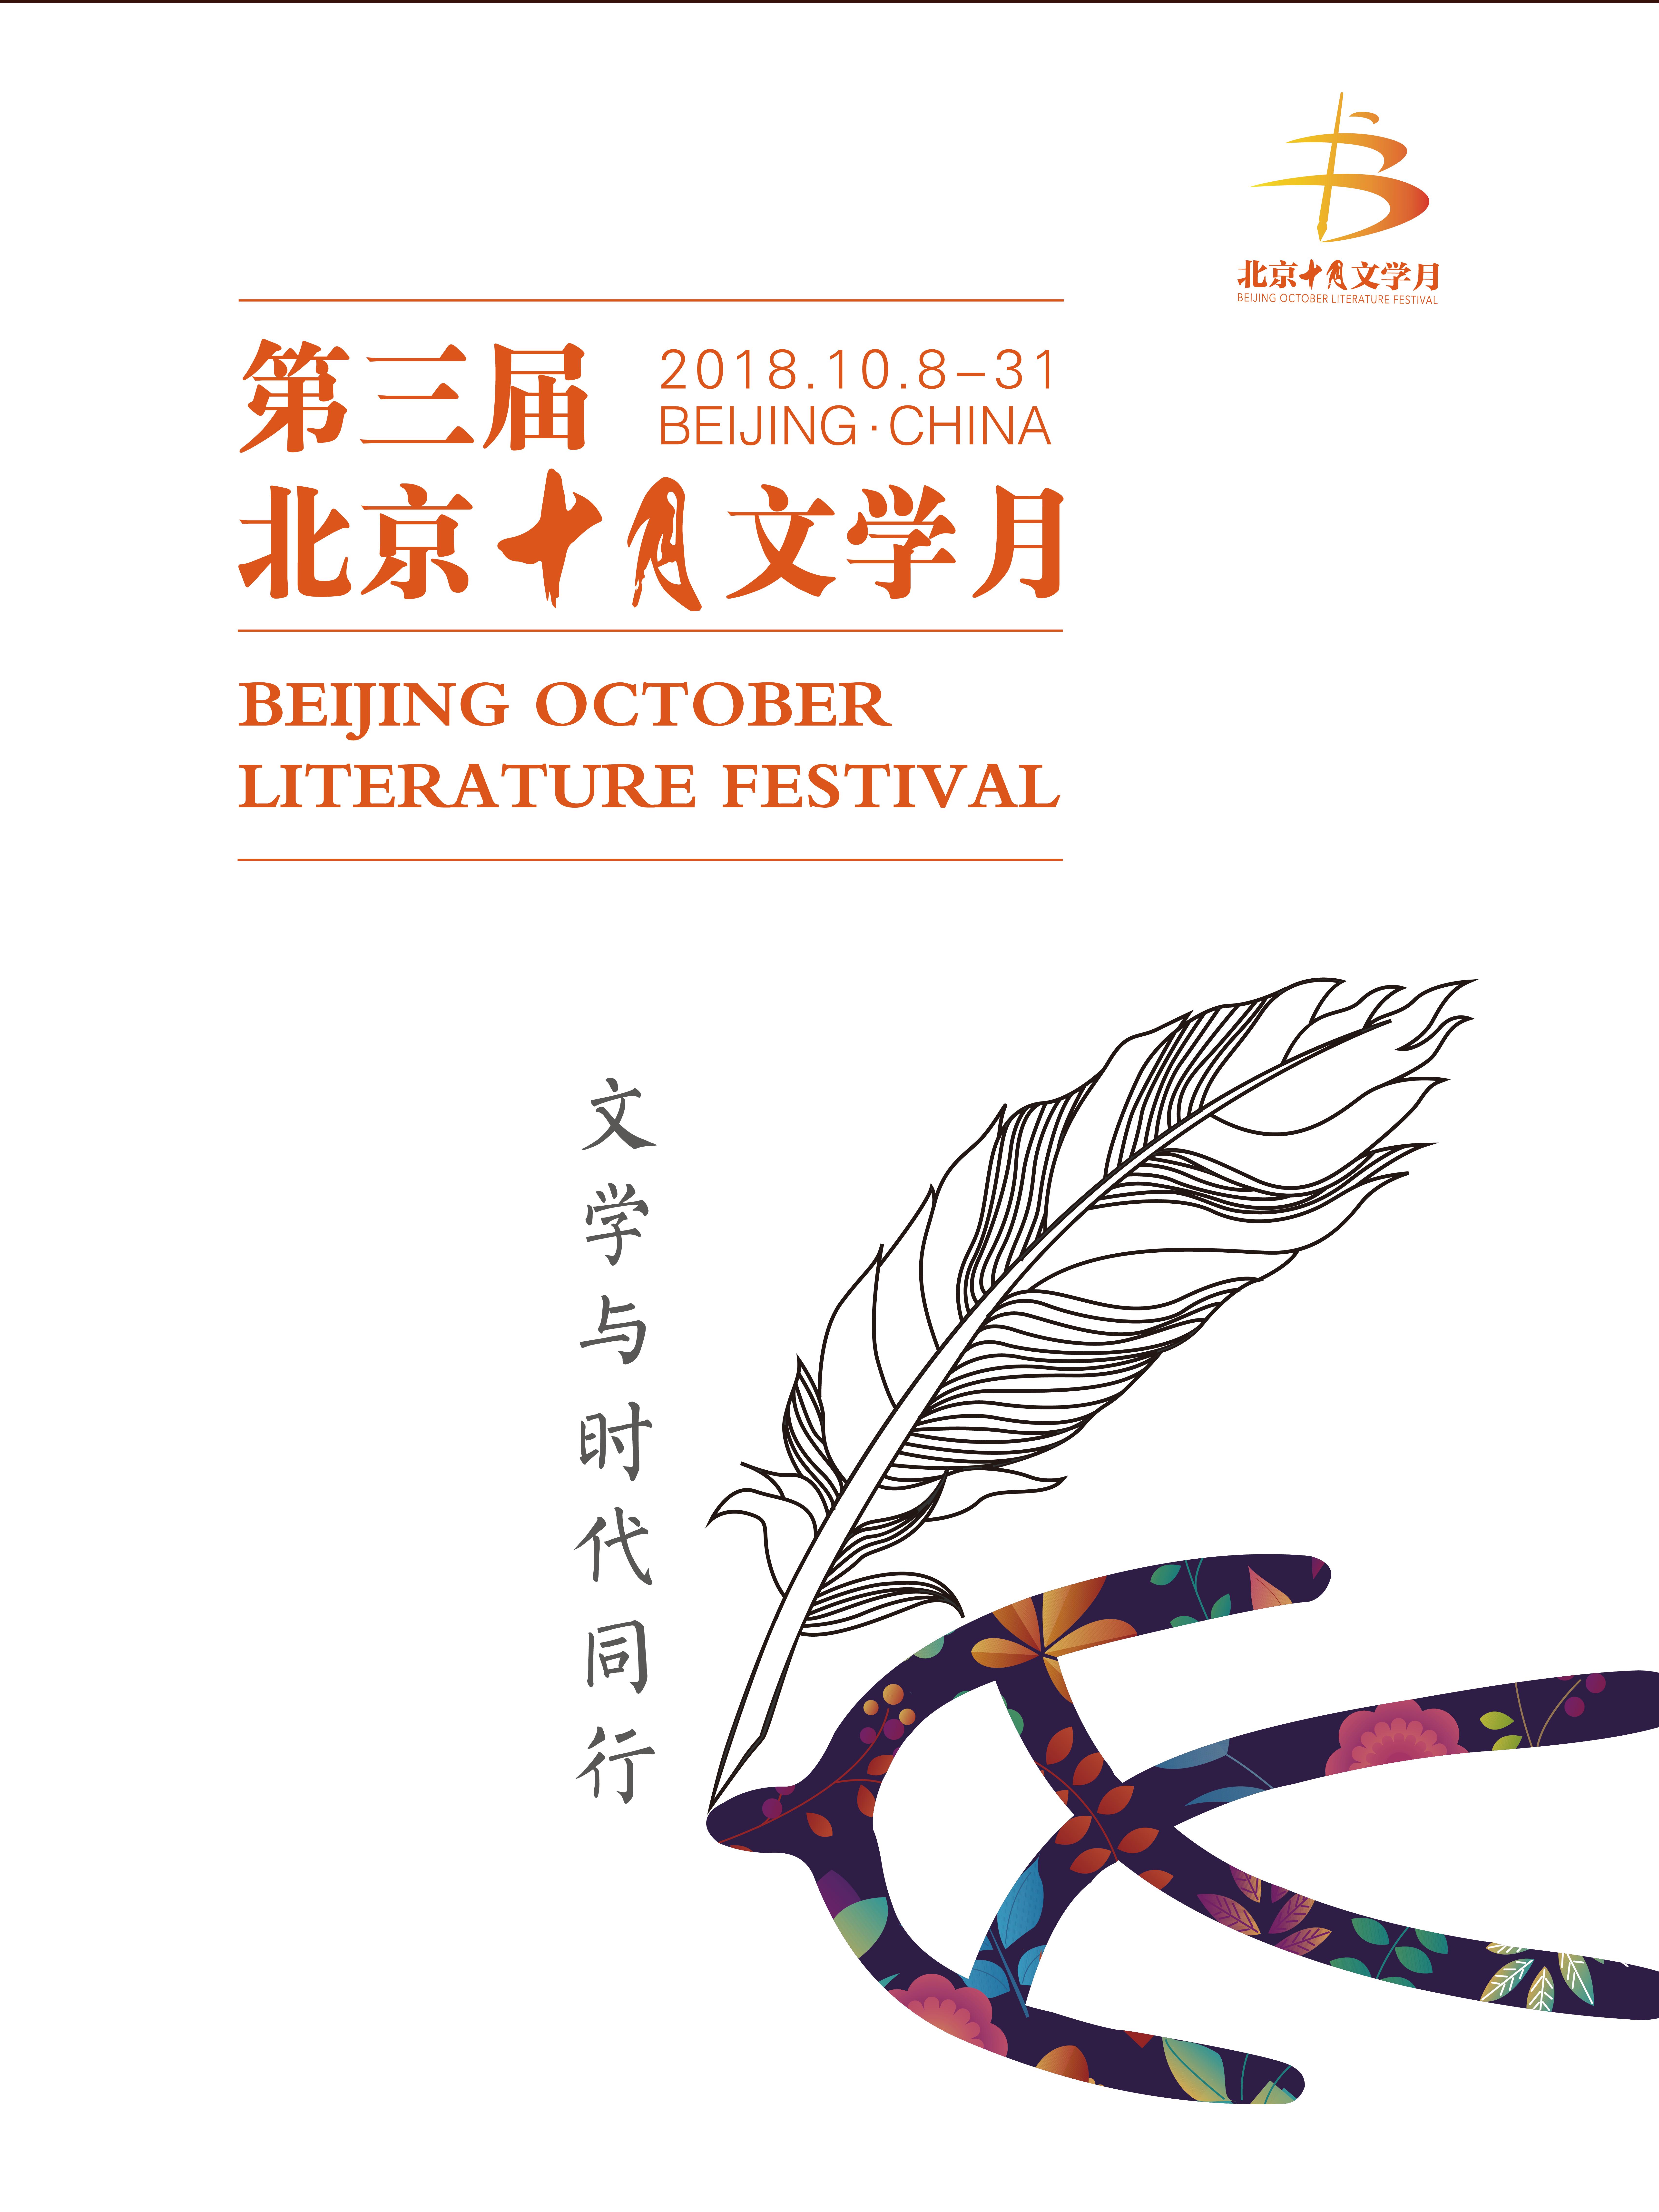 第三届北京十月文学月